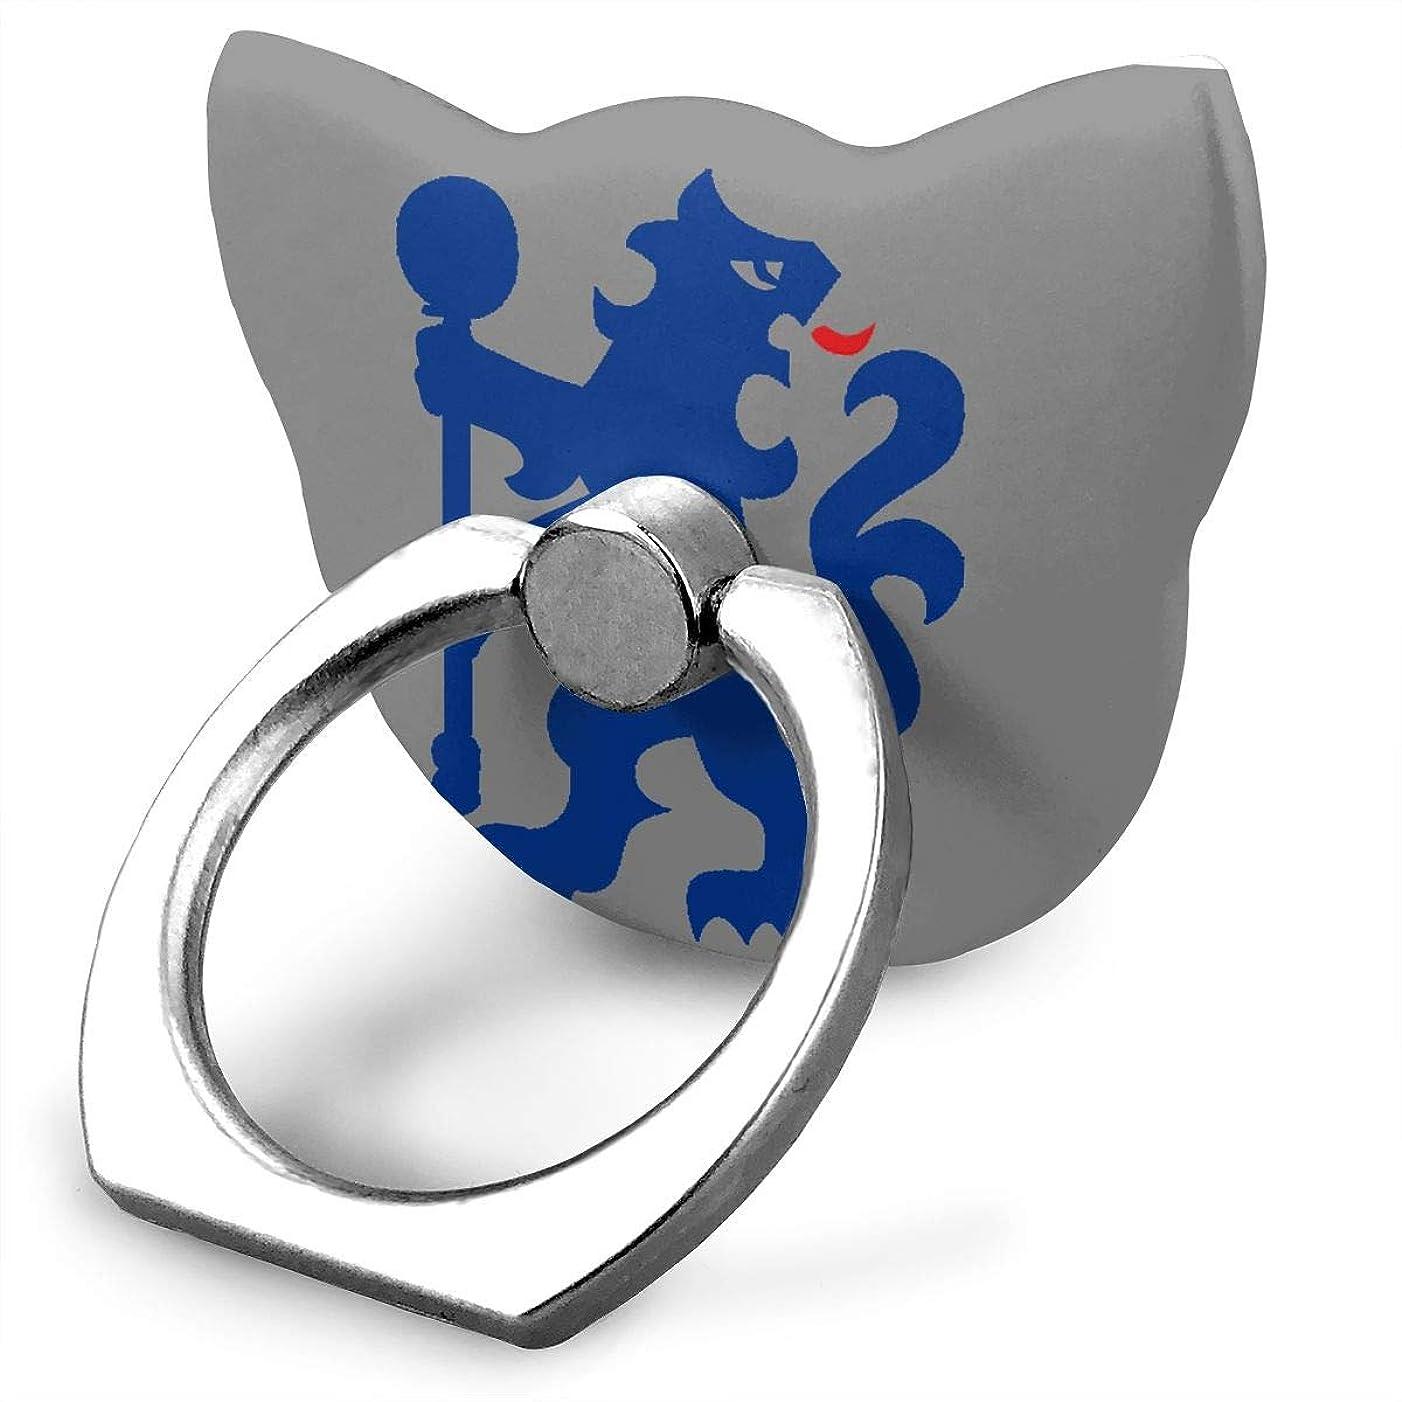 驚くばかりシンカンヒゲクジラチェルシー サッカー 青いライオン スマホ リング ホールドリング 指輪リング 薄型 おしゃれ スタンド機能 落下防止 360度回転 タブレット/スマホ\r\n IPhone/Android各種他対応